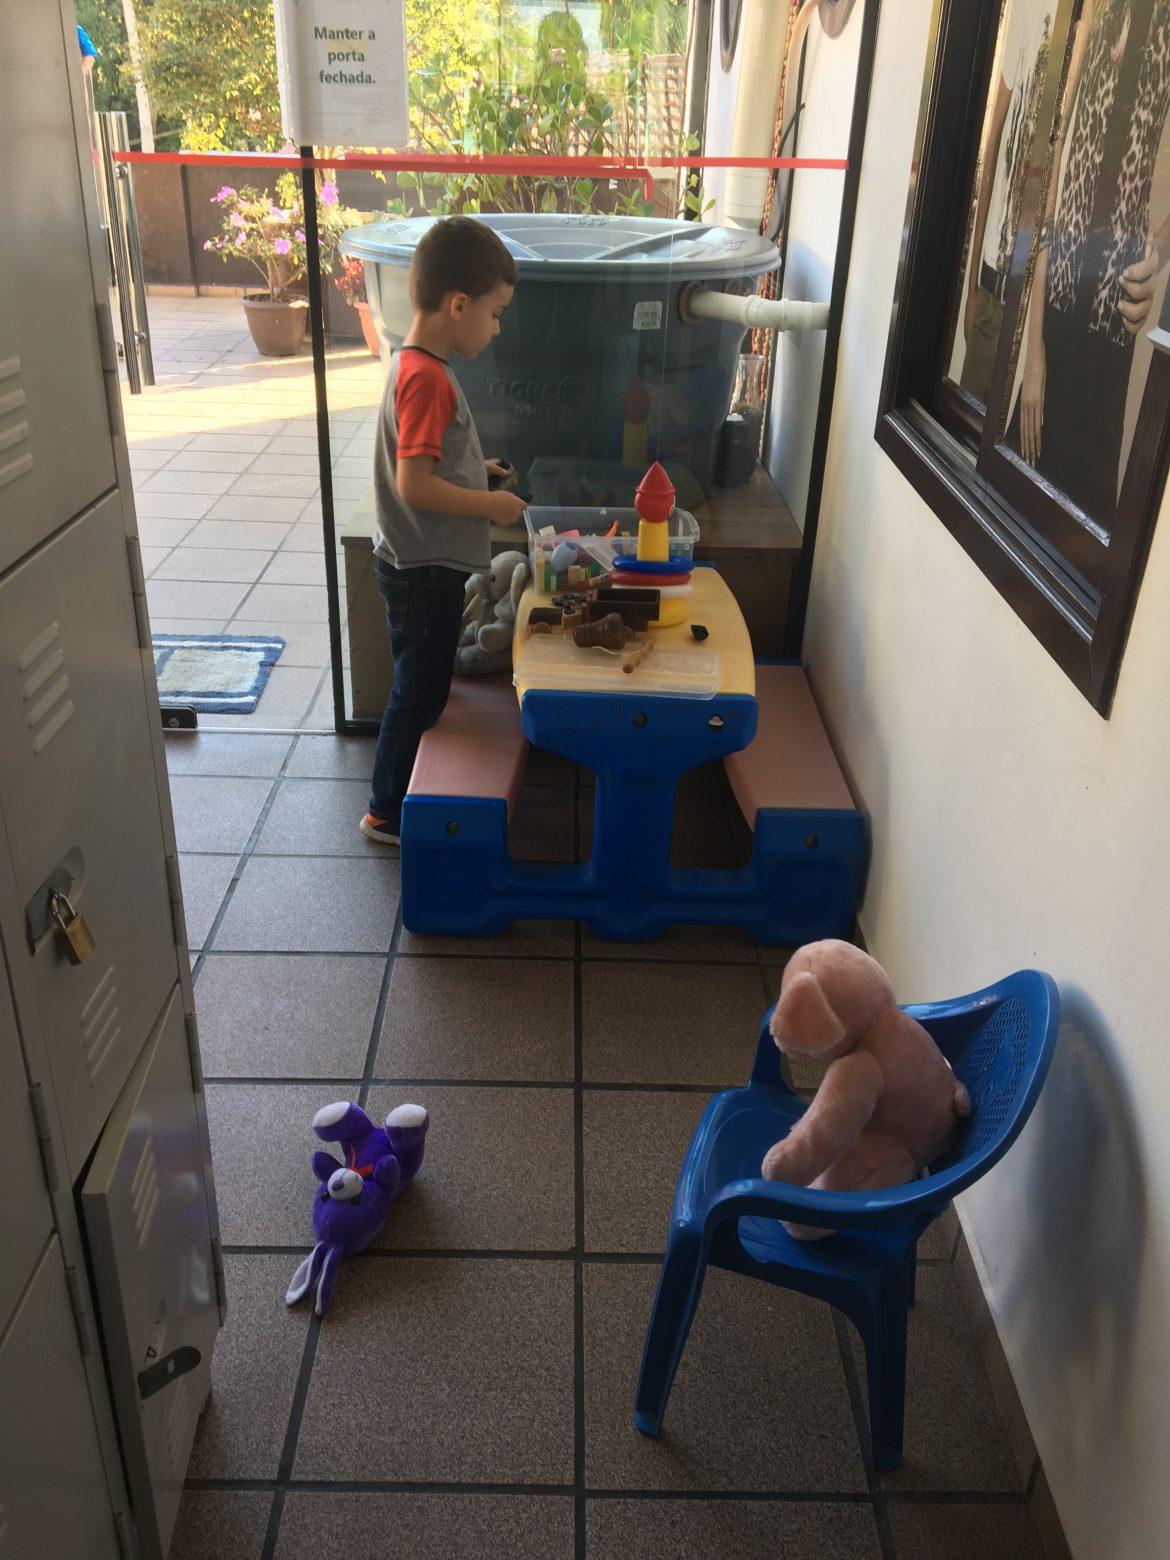 mesa de brincar ao lado do café da manhã